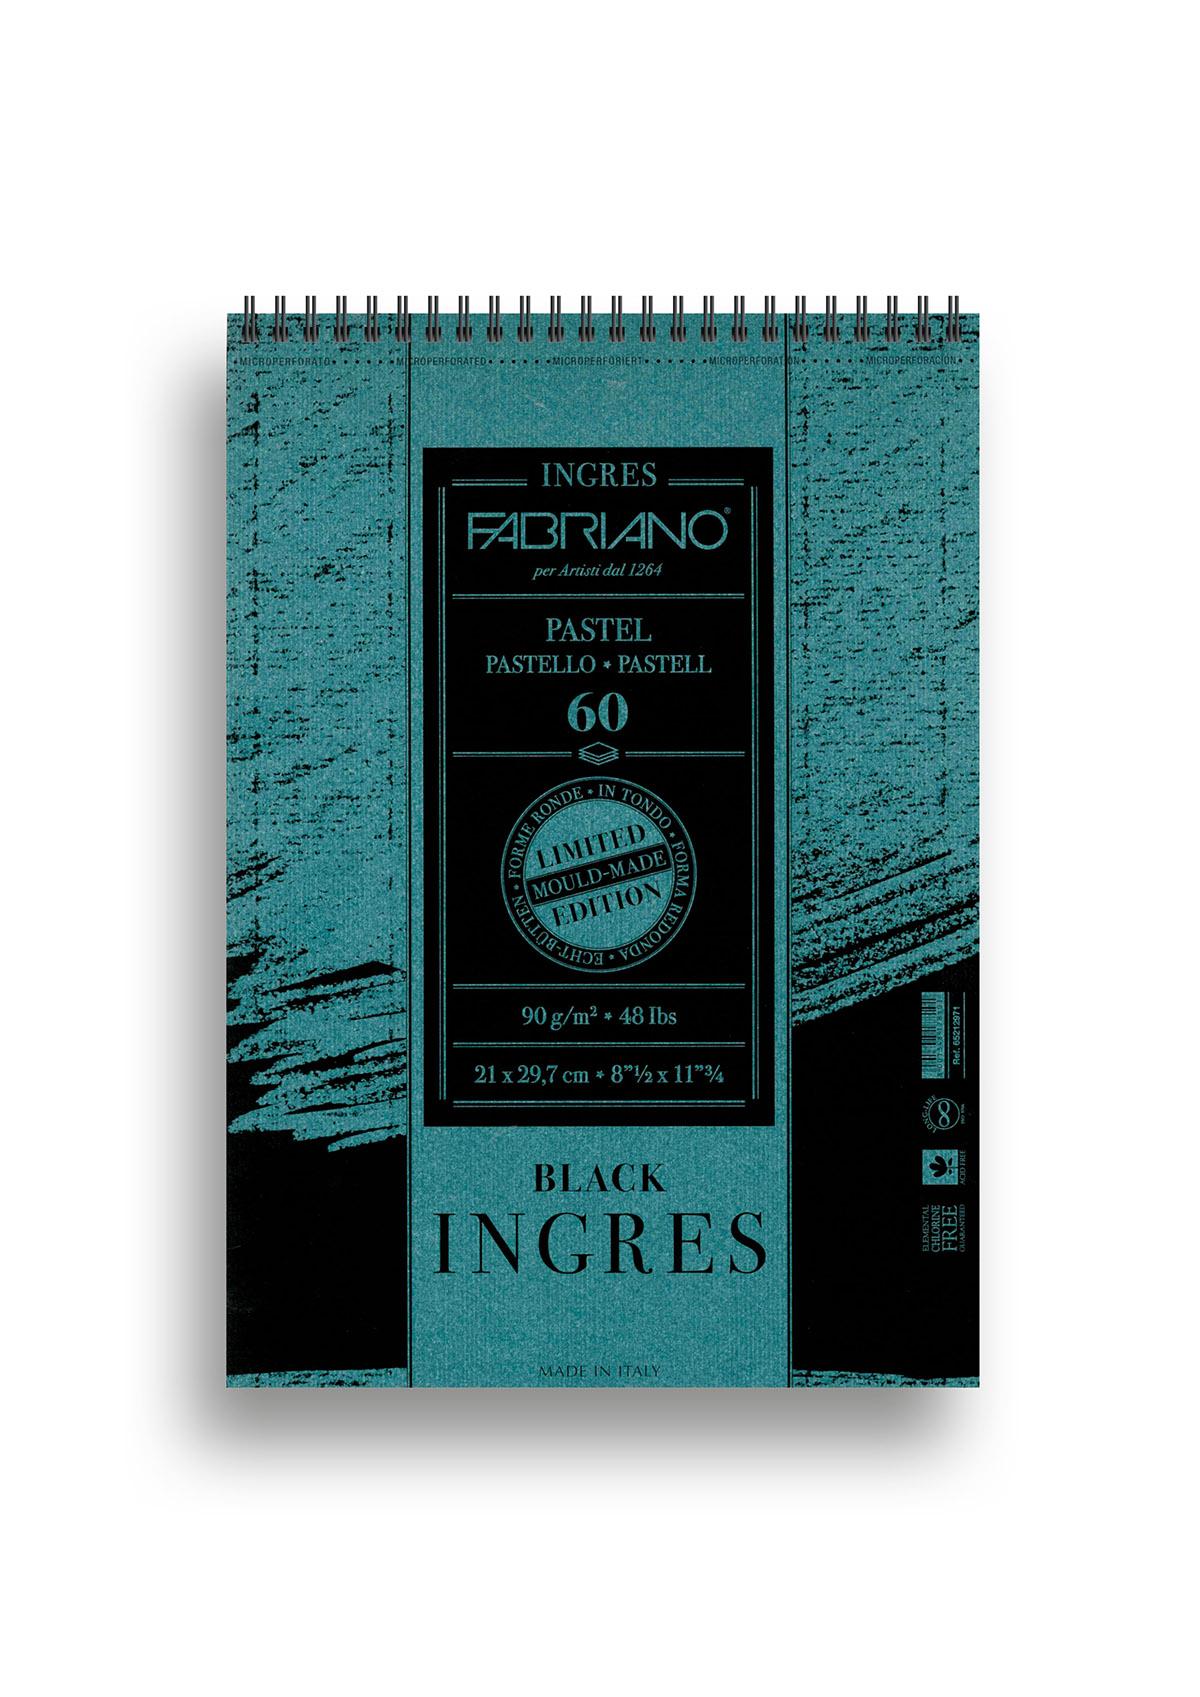 Альбом для пастели Fabriano Ingres Limited Edition 90г/м.кв 21x29,7см черная бумага 60л спираль по короткой стороне